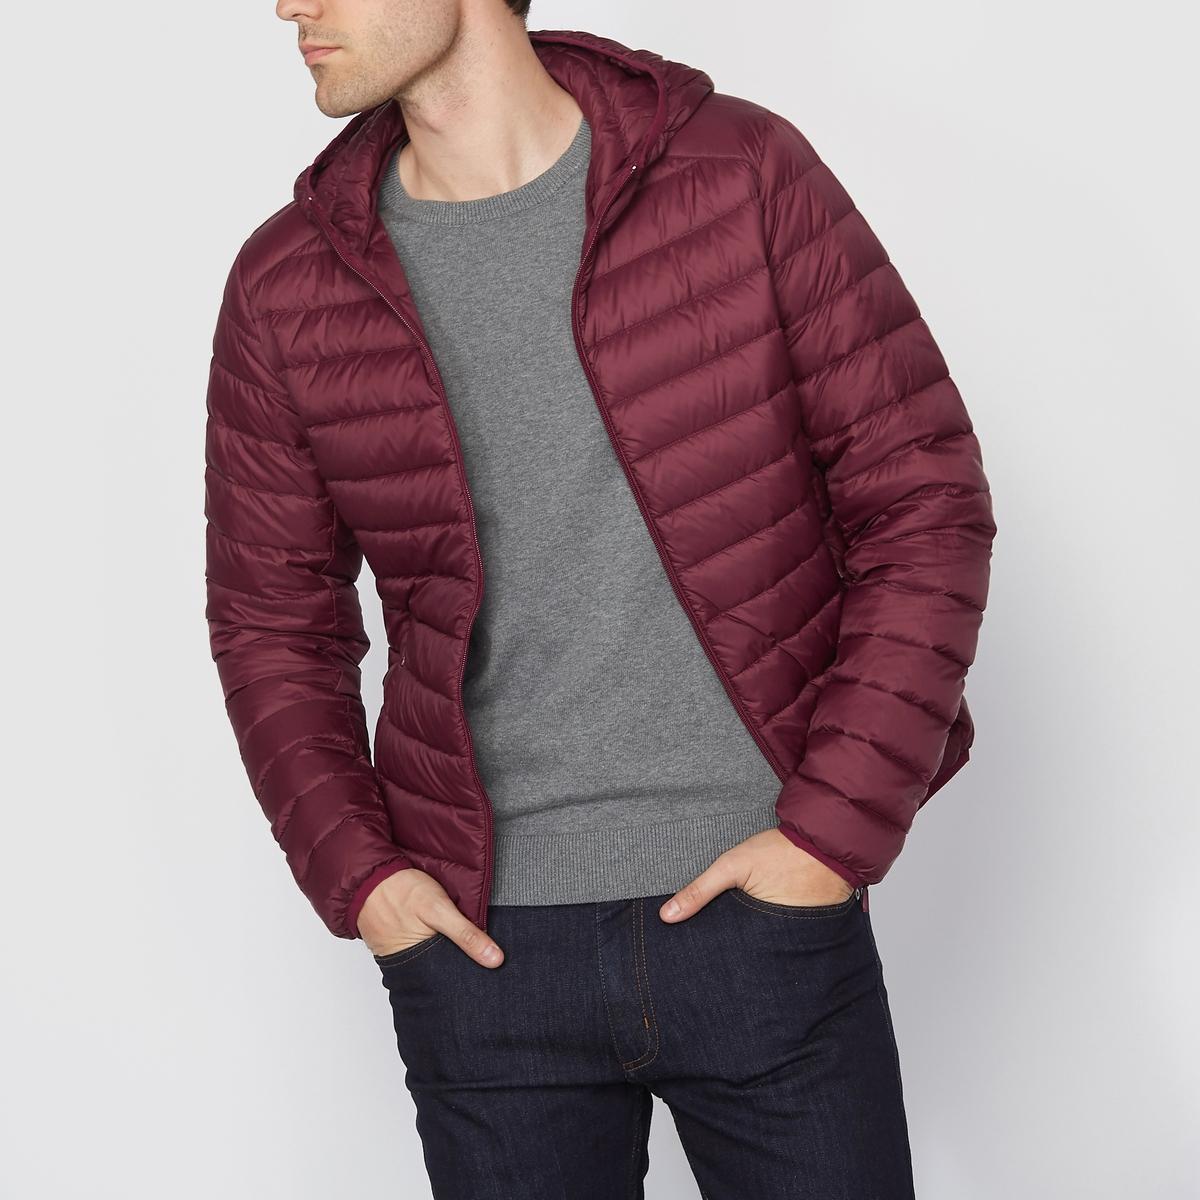 Куртка стеганая тонкая с натуральным наполнителемТонкая стеганая куртка с капюшоном. Застежка на молнию спереди. 2 кармана по бокам.                                                    Состав и описание                                      Материал :  100% переработанного полиэстера                                      Марка : R essentiel                                                                              Уход                                      Машинная стирка  : при 30 °C                                      Сушка : машинная сушка запрещена                                       Глажка: не гладить<br><br>Цвет: бордовый,зеленый,темно-синий<br>Размер: L.XXL.3XL.M.L.XXL.XS.M.XXL.3XL